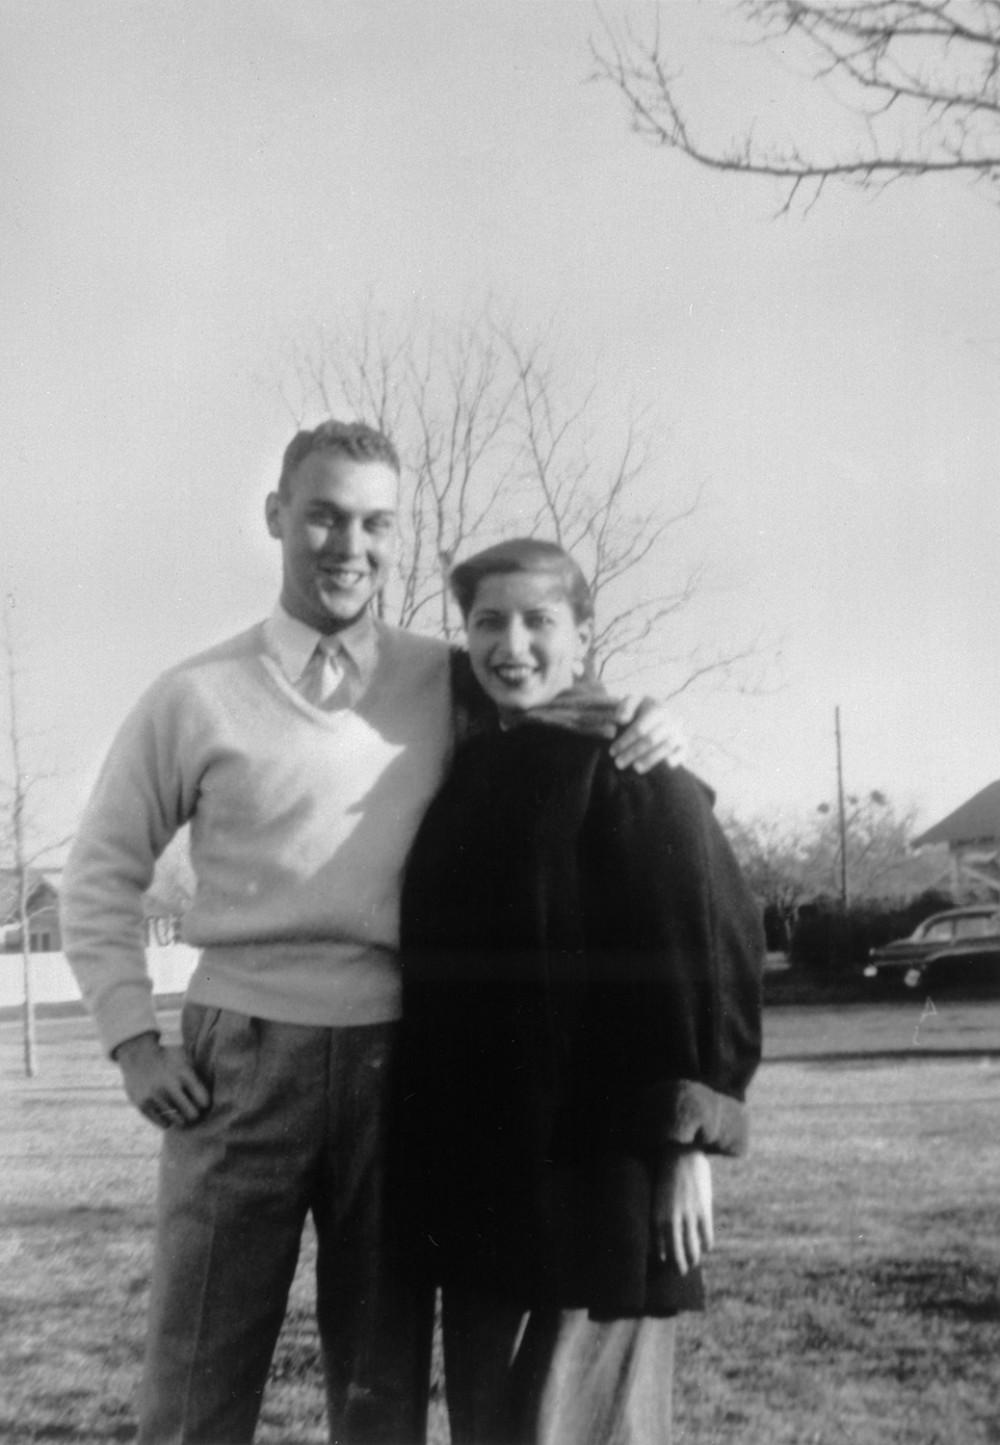 Bà Ruth Bader cùng người chồng tương lai Martin Ginsburg hồi mới quen nhau thời sinh viên - Ảnh: SCOTUS